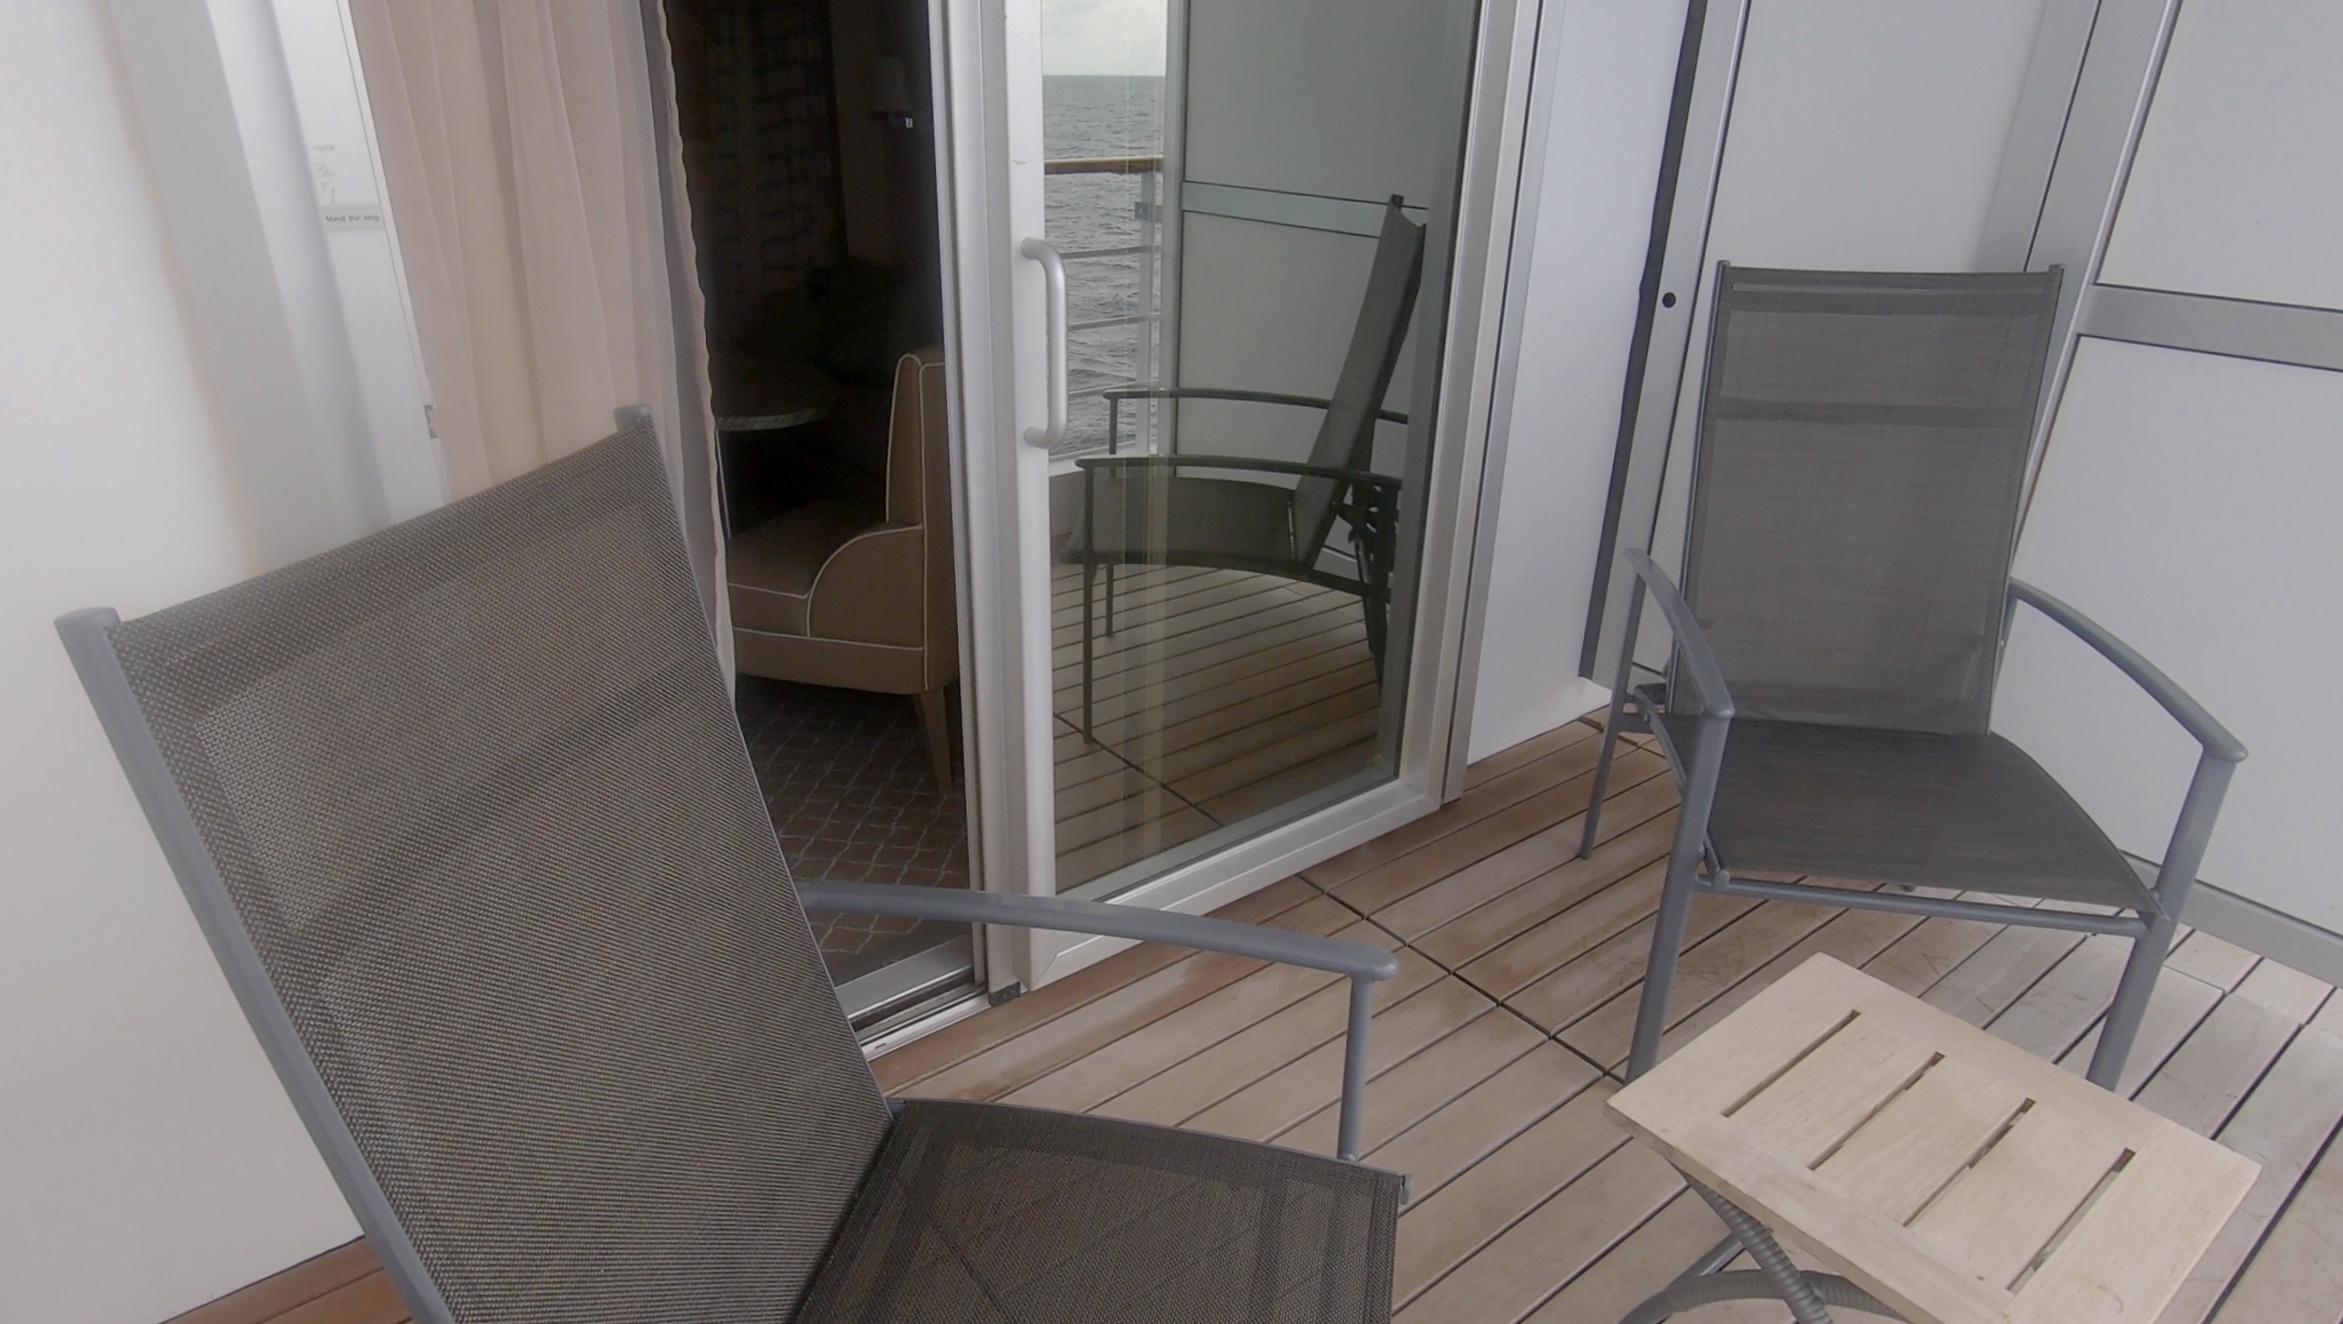 The balcony door.